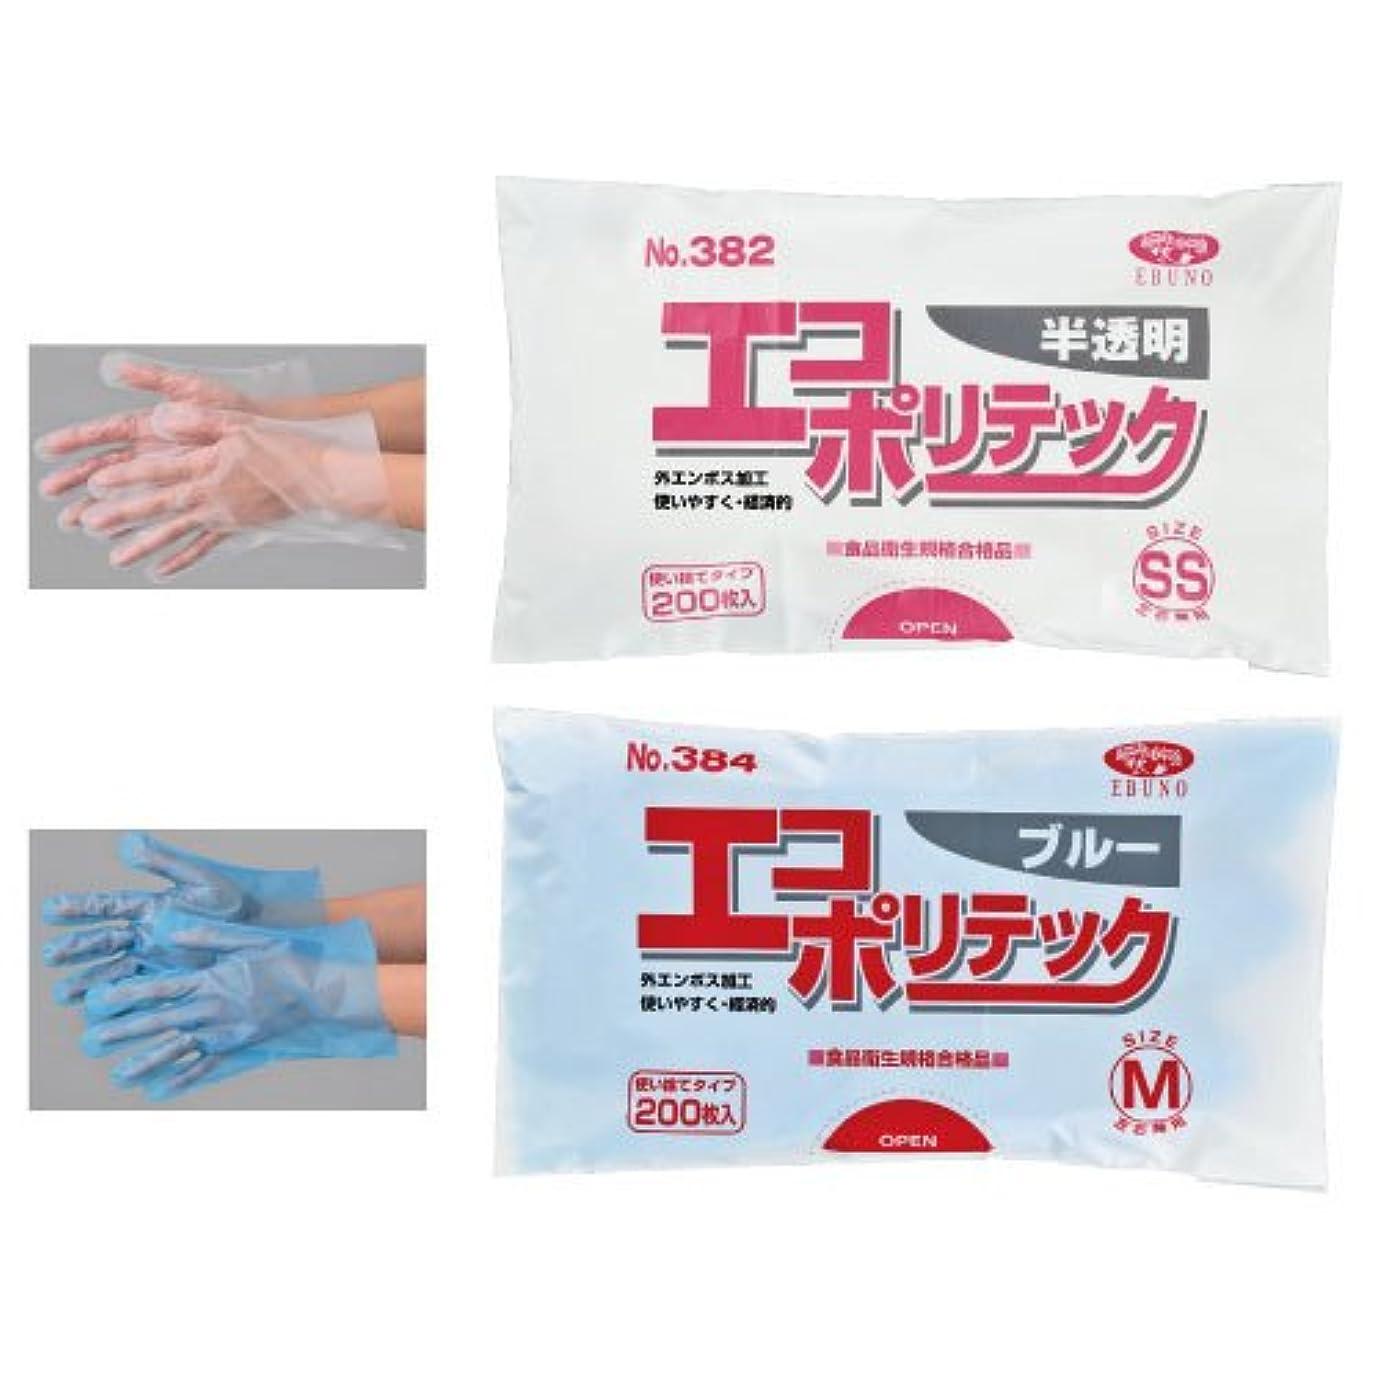 除外する伝説ええエブノ ポリエチレン手袋 No.382 L 半透明 (200枚×30袋) エコポリテック 袋入